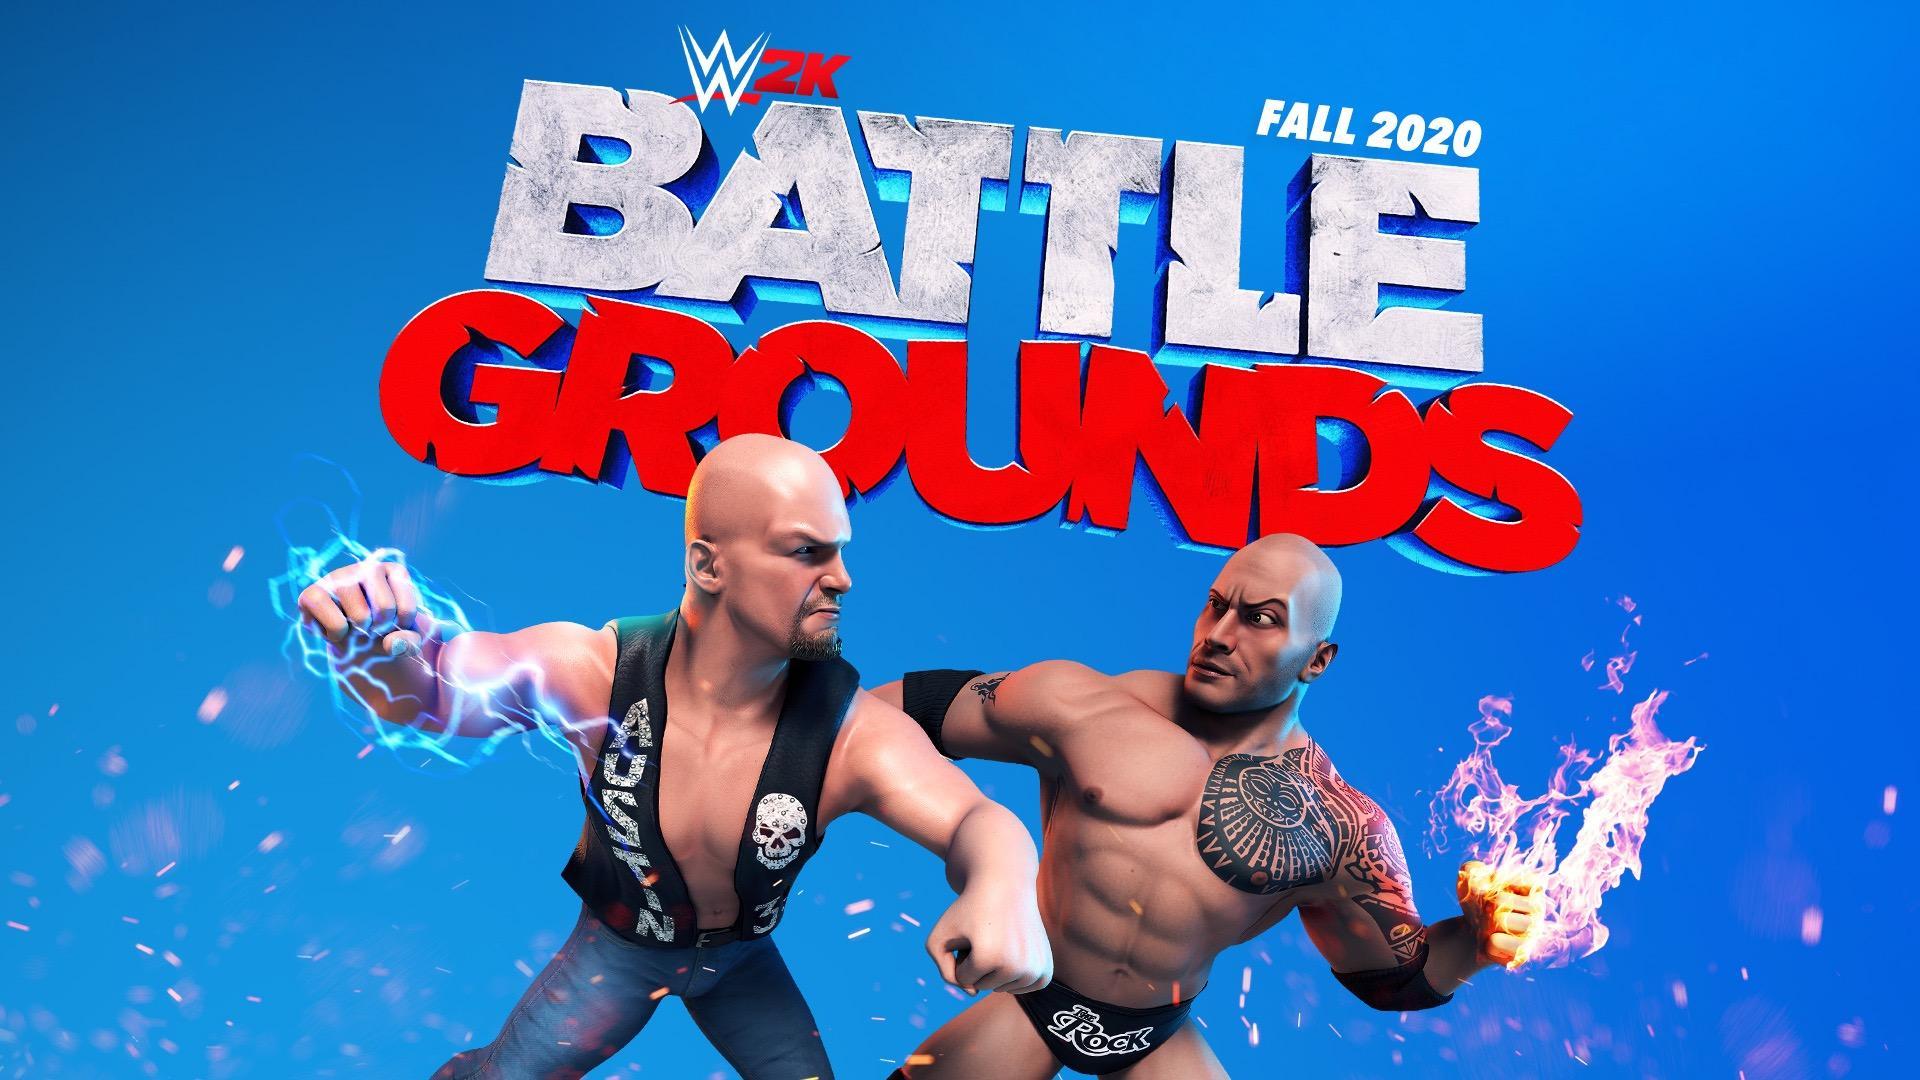 Arcade Brawler WWE 2K Battlegrounds Announced For Fall 2020